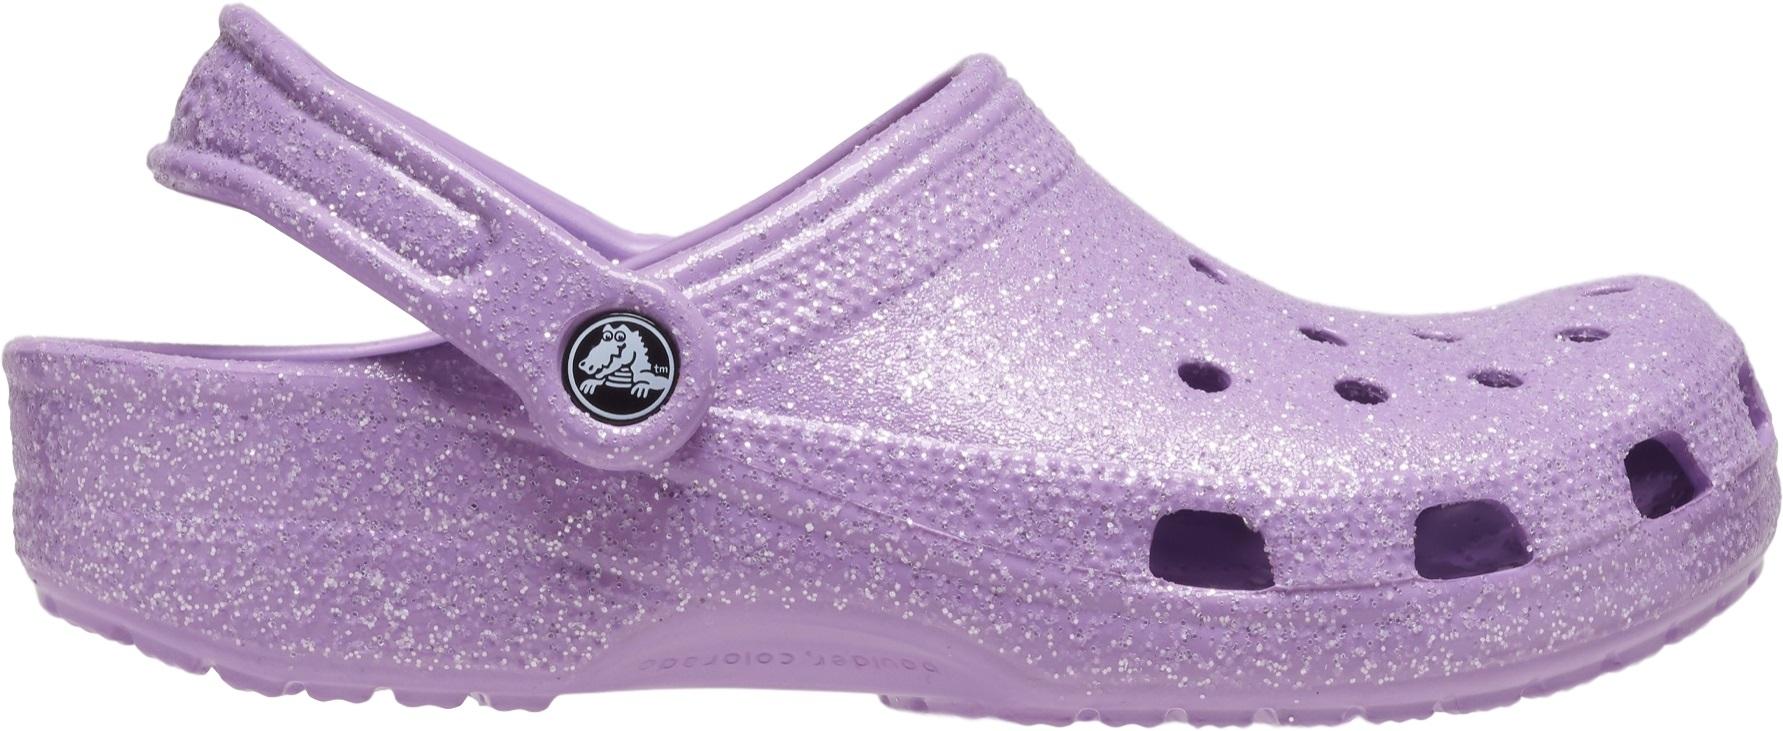 Crocs™ Classic Glitter Clog Orchid 37,5